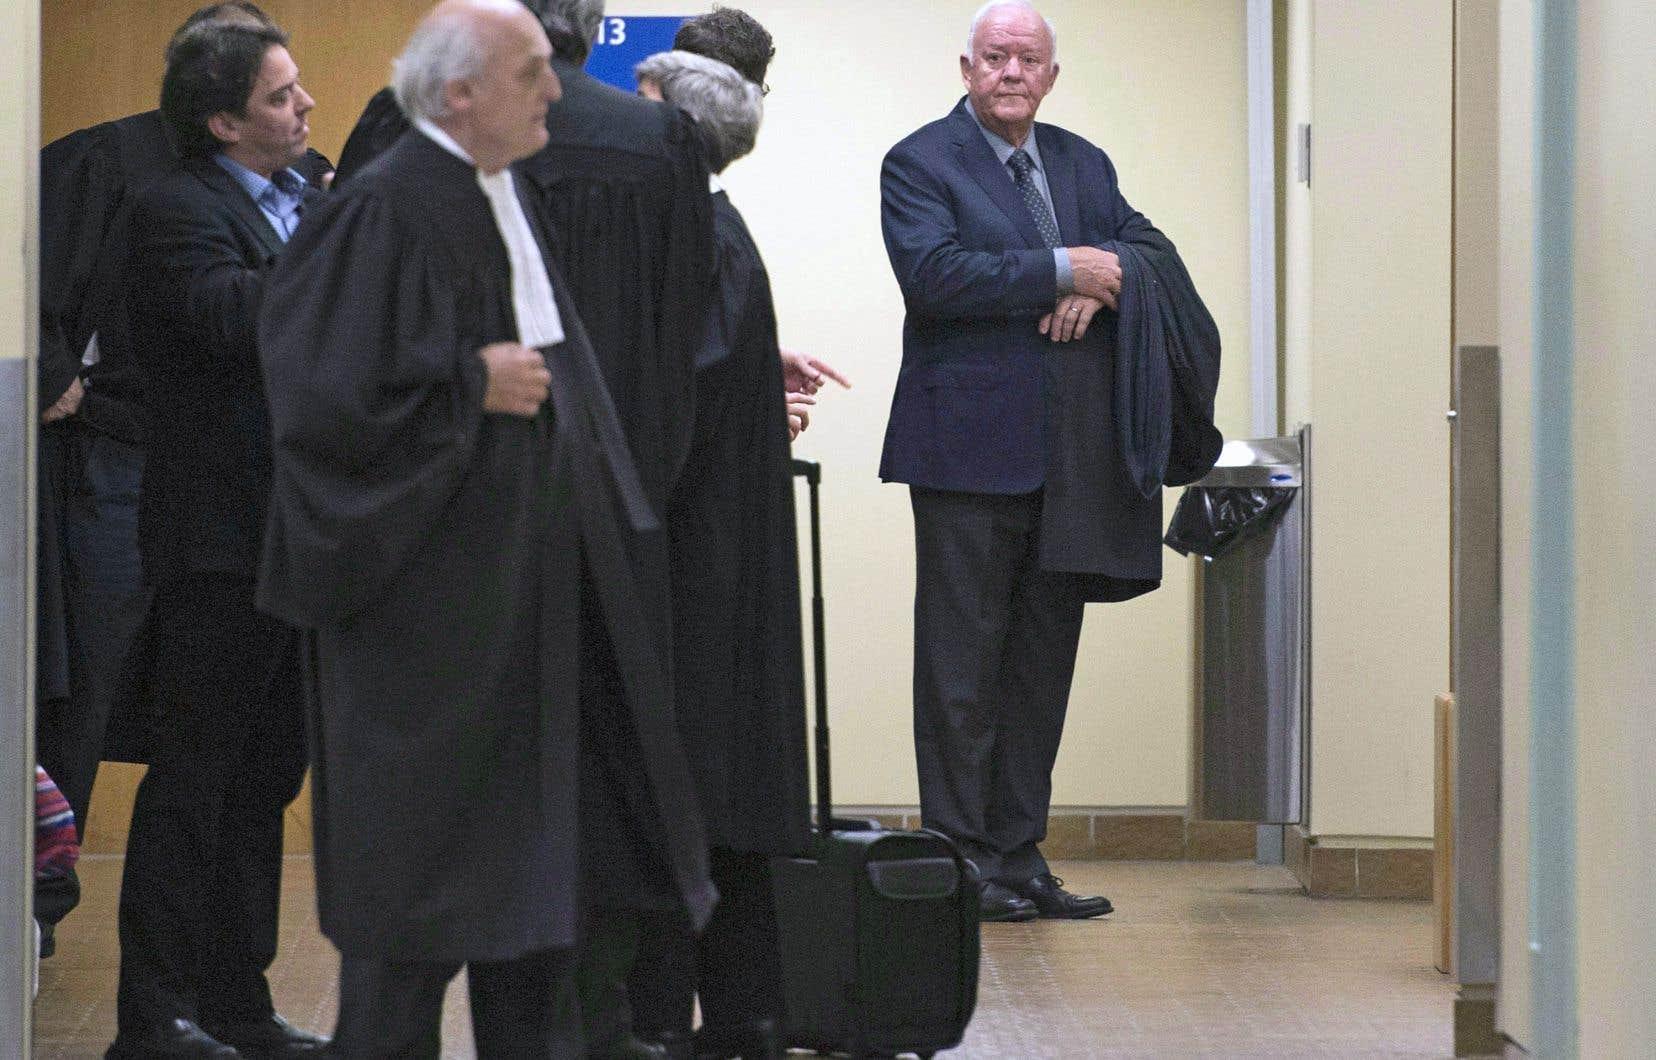 La demande des avocats de Marc-Yvan Côté (à droite) survient quelques mois à peine après l'adoption d'une loi fédérale visant à protéger les sources journalistiques.